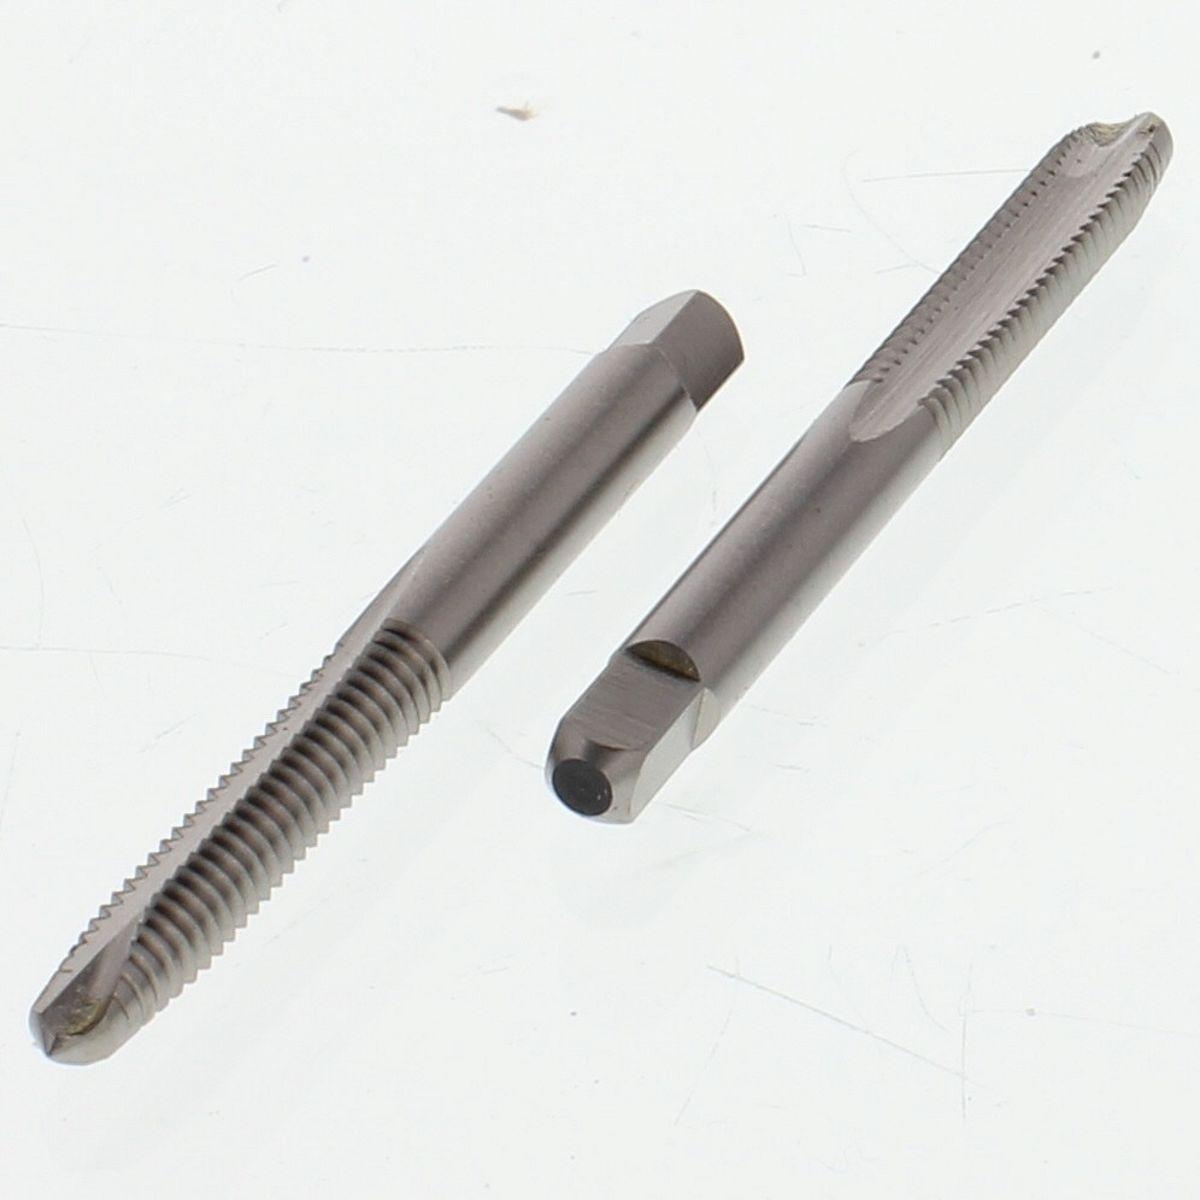 #12-24 High Speed Steel  Machine Screw Spiral Point Tap